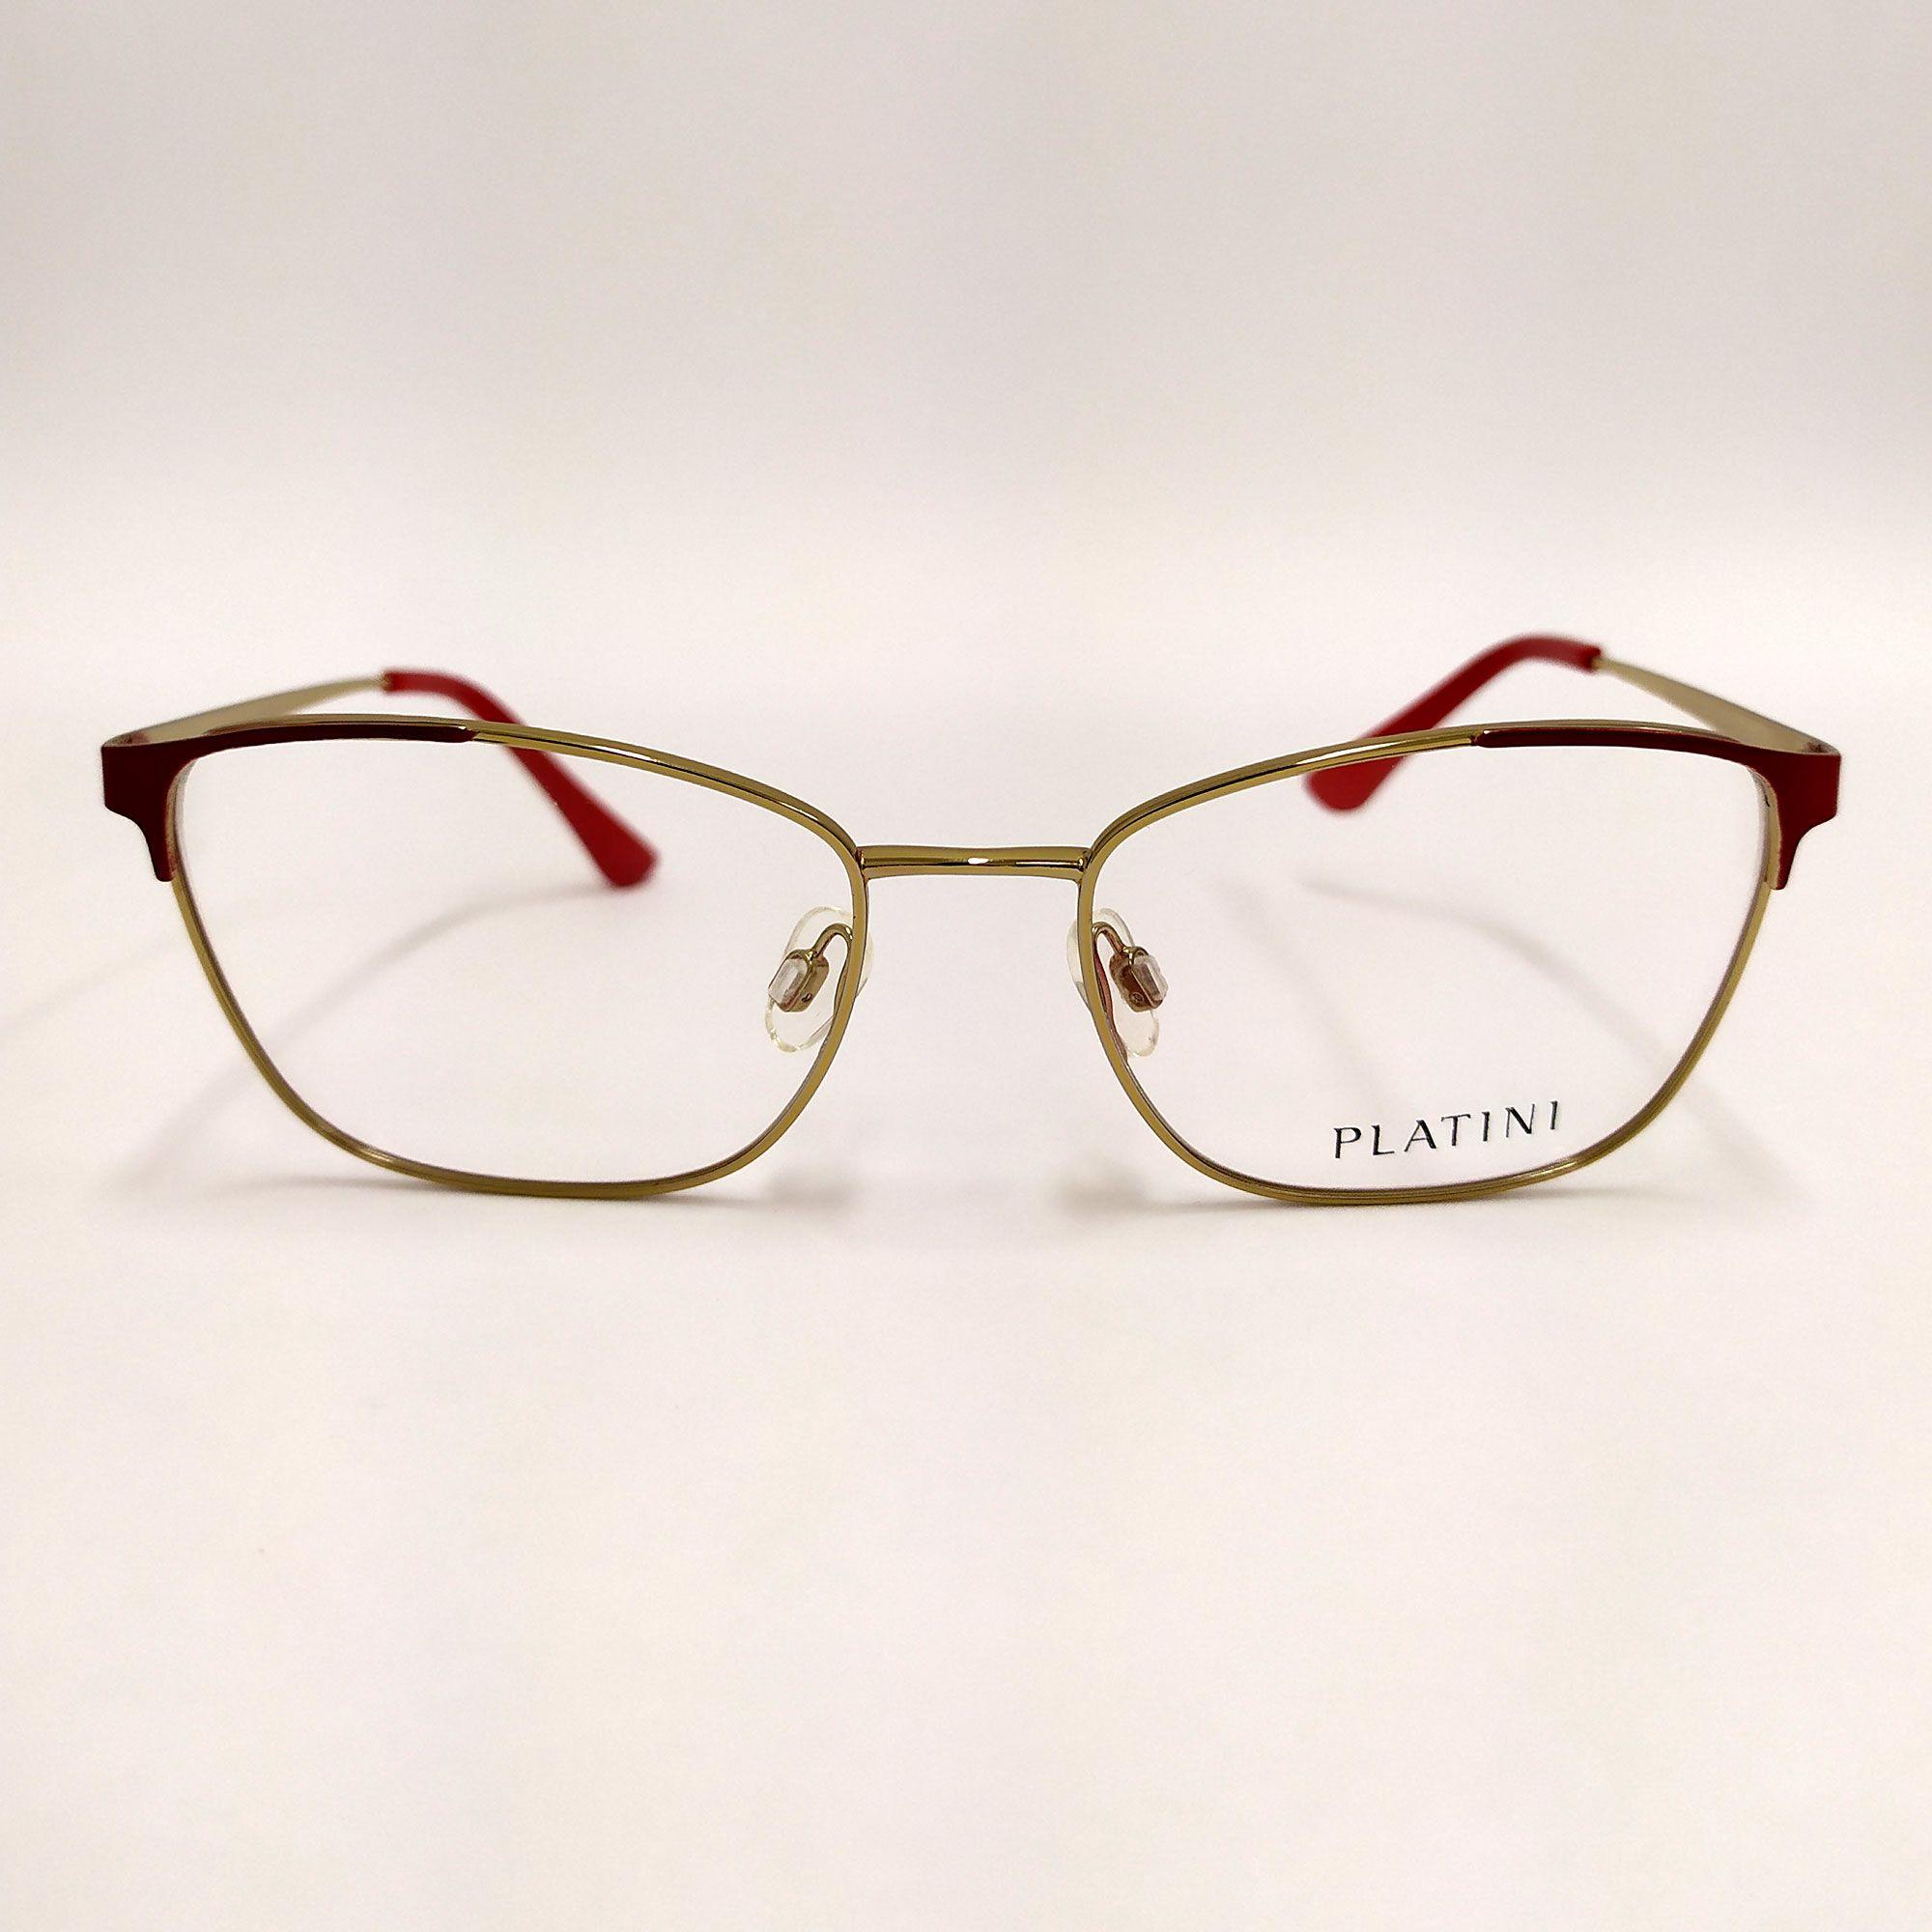 Óculos de Grau Platini Vermelho P91180 G549